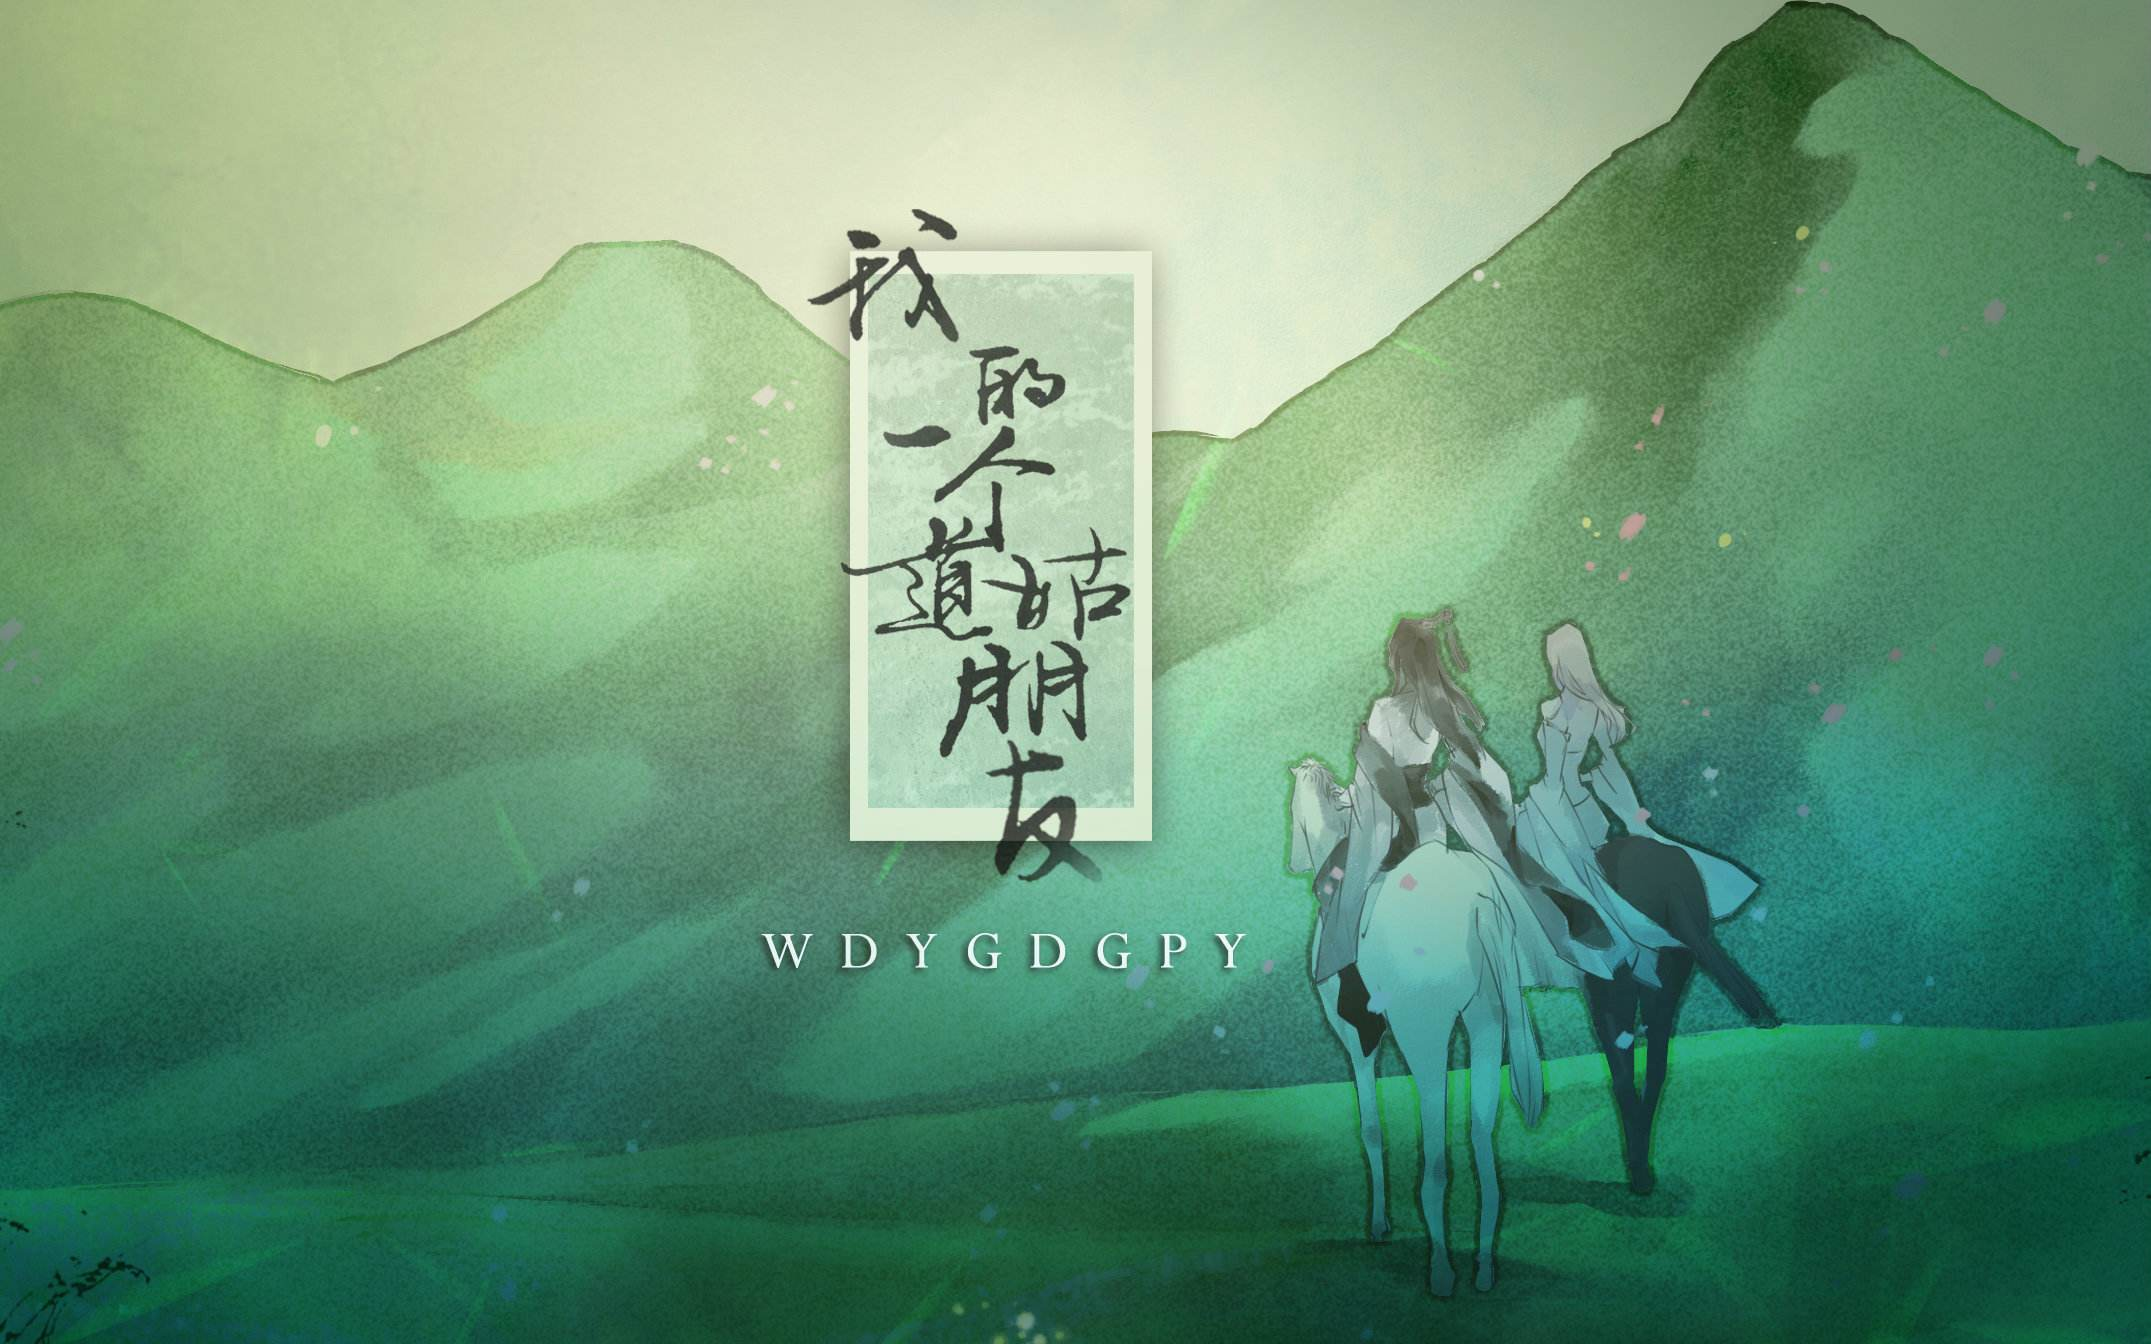 daogupengyou